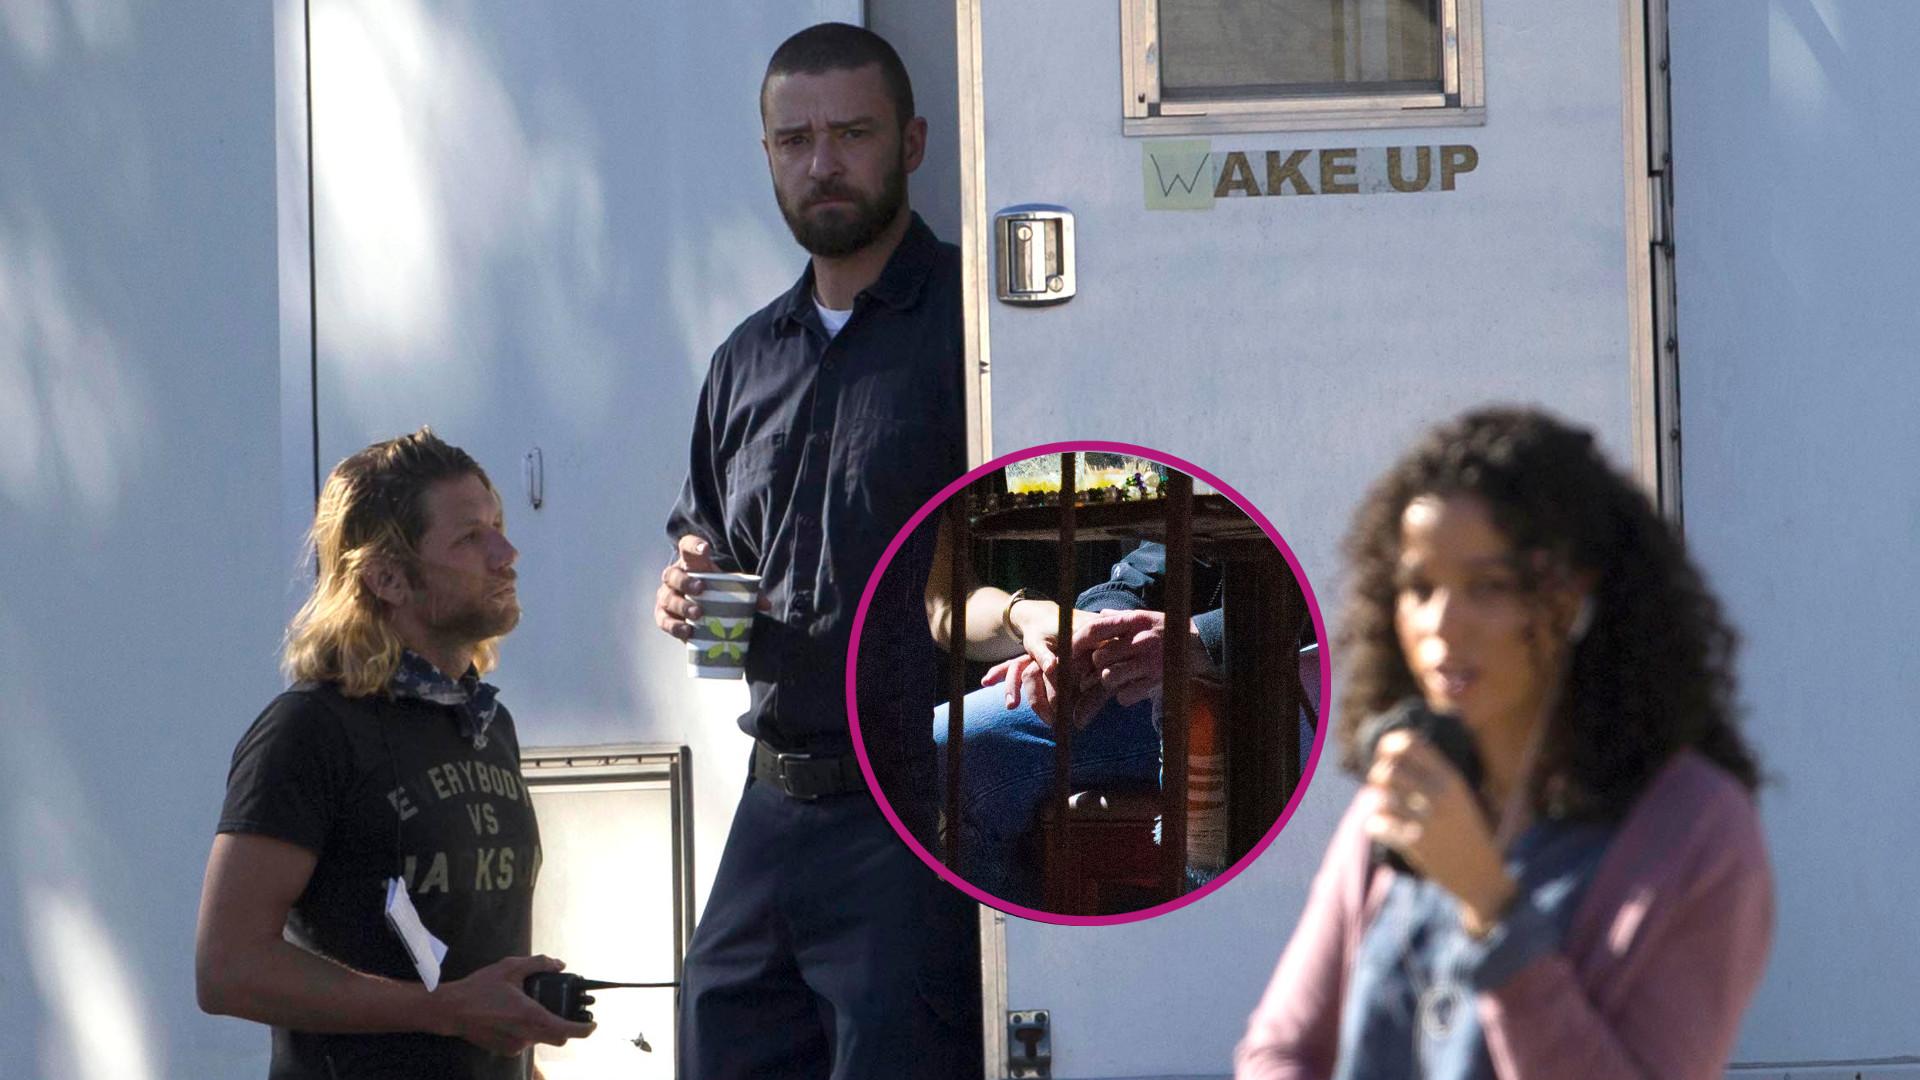 Jak zachowują się Justin Timberlake i Alisha Wainwright po balkonowej scenie na imprezie? (ZDJĘCIA)